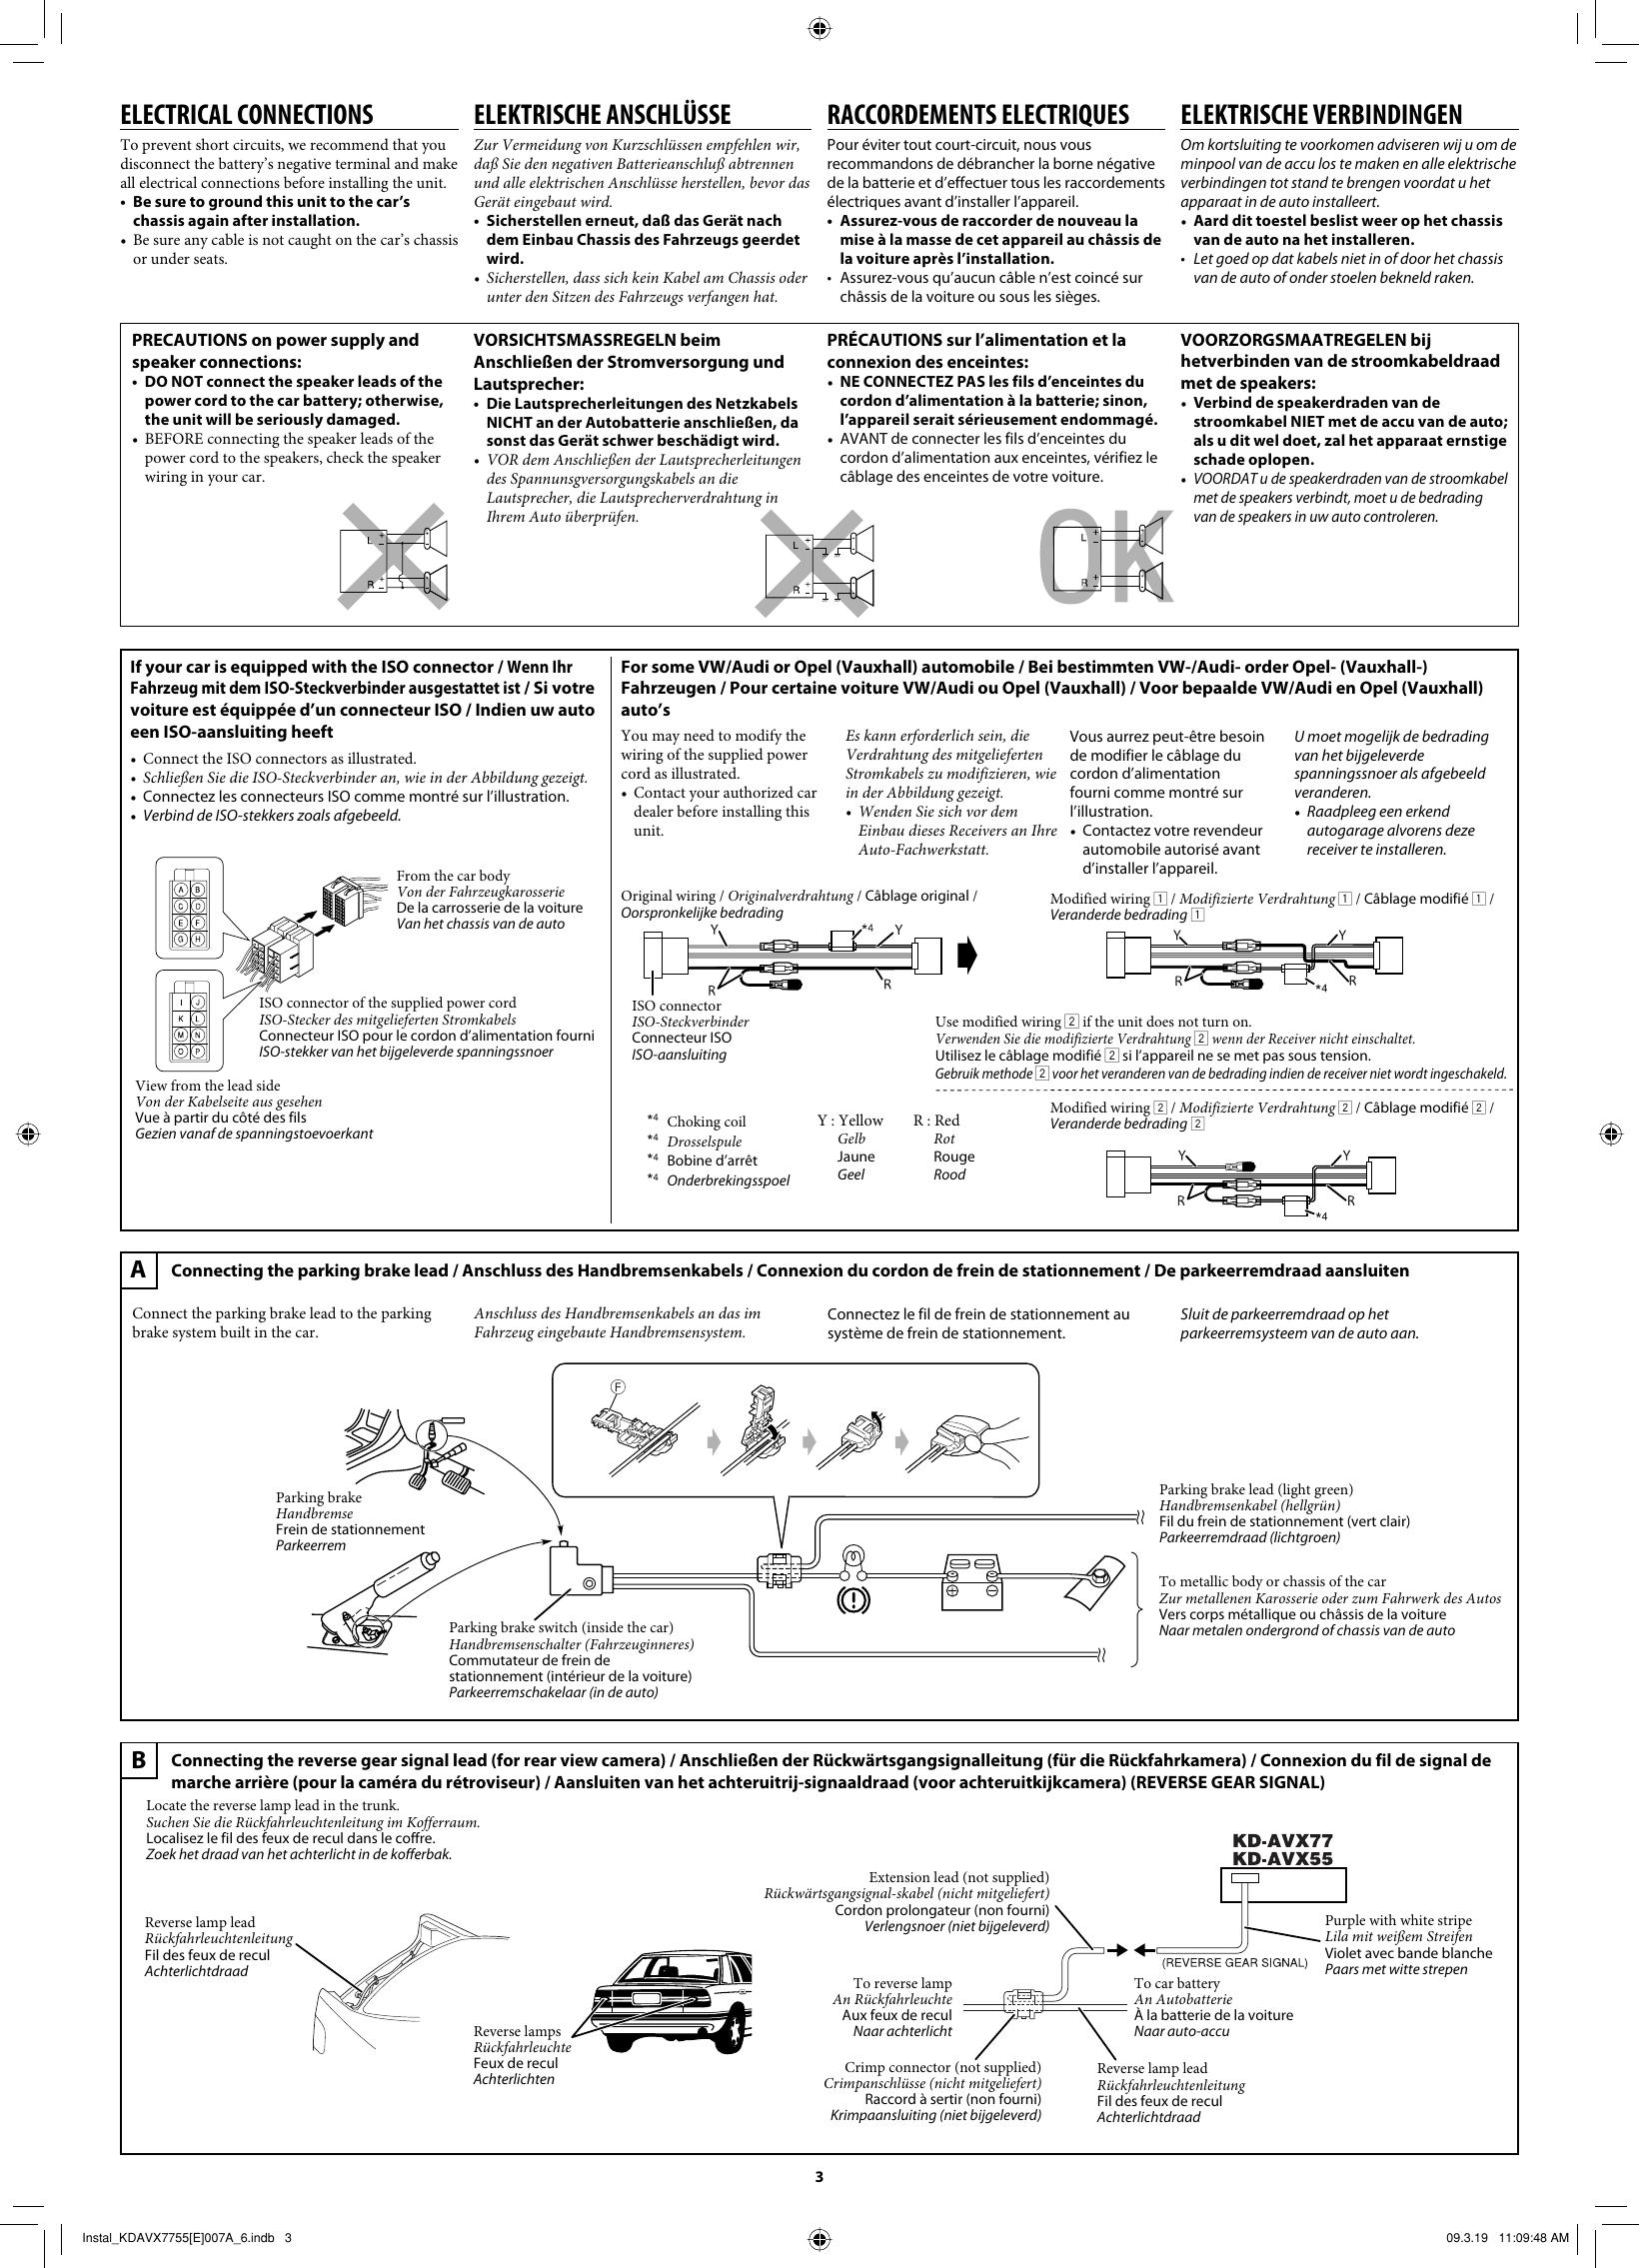 Jvc Kd Avx77e Avx77 Avx55 User Manual Lvt1938 007a Wiring Diagram Page 3 Of 6